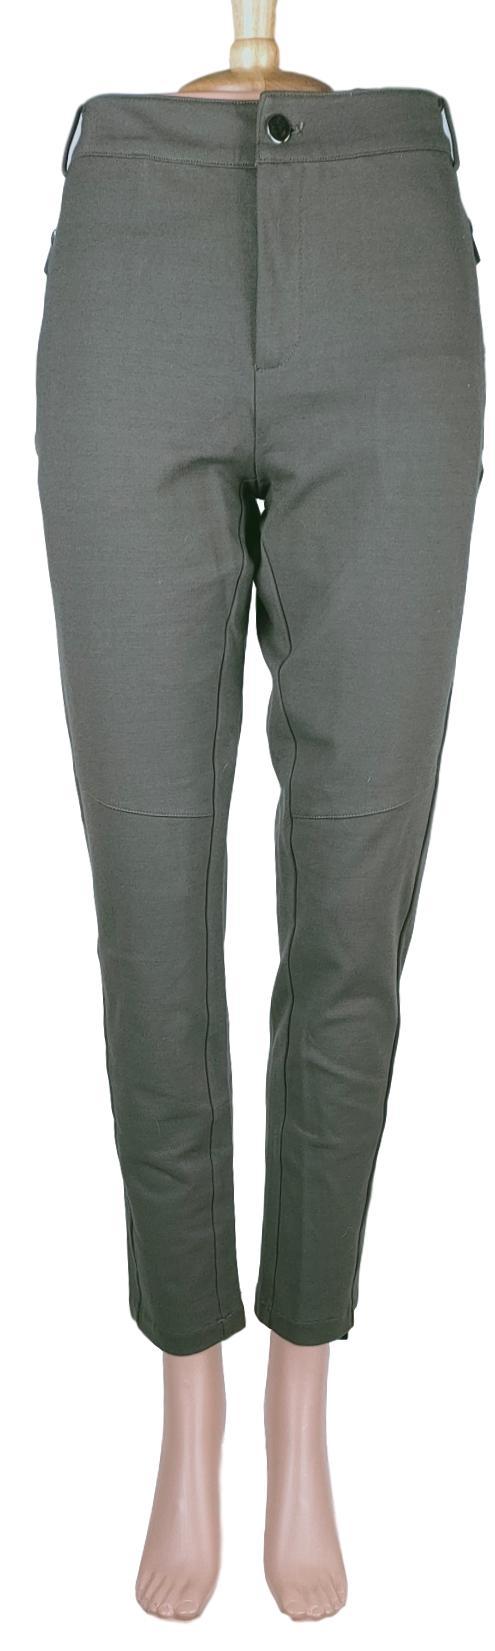 Pantalon -On Parle de Vous - taille 44